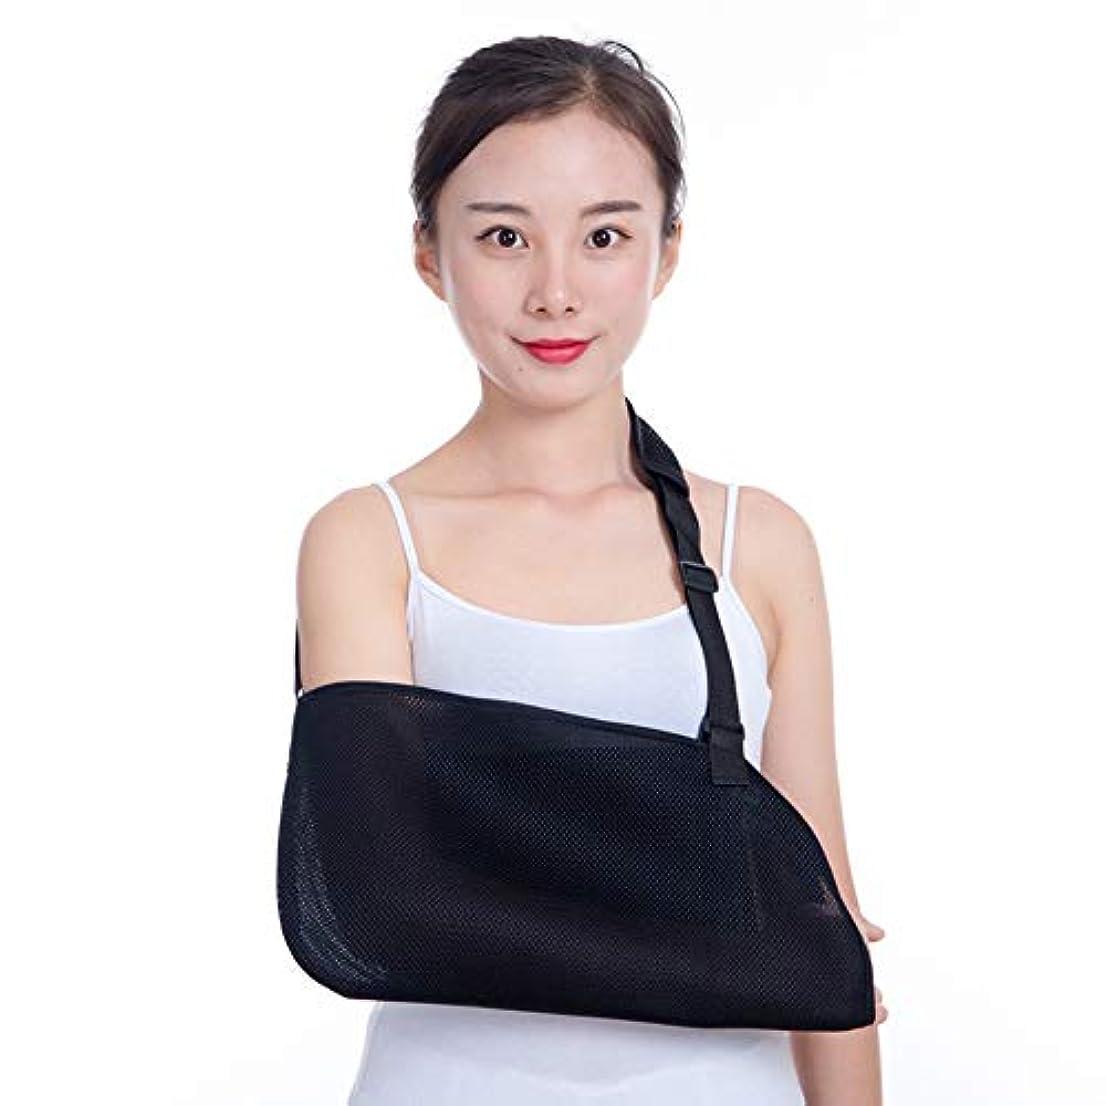 慣れているコンピューターを使用する内側メッシュアームサポートスリング、ショルダーイモビライザーブレース、通気性と軽量、肩、腕、肘、回旋腱板の痛みを完全に調整可能